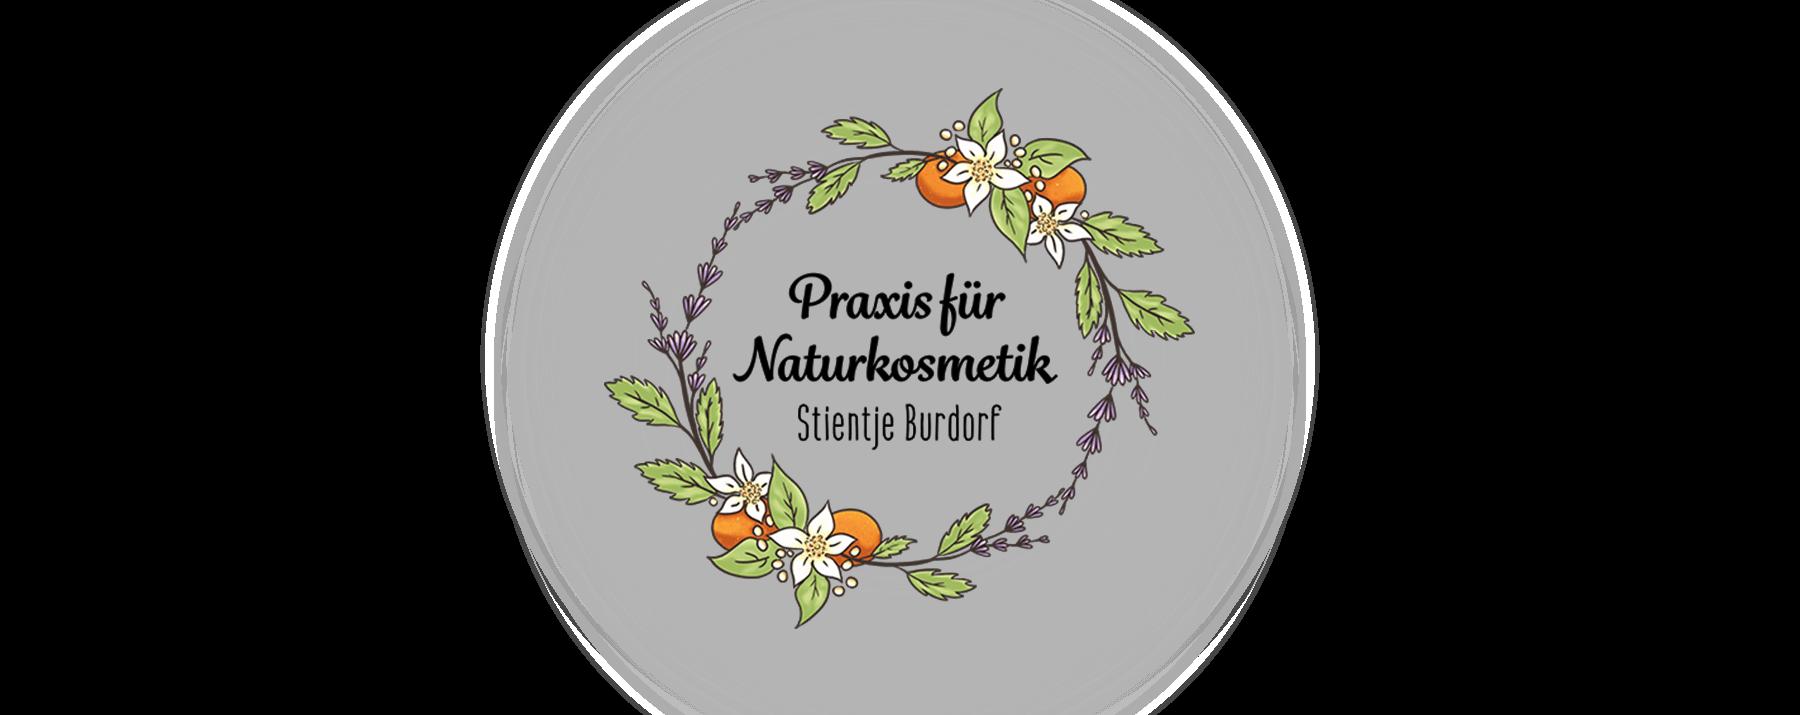 logo mit blur background